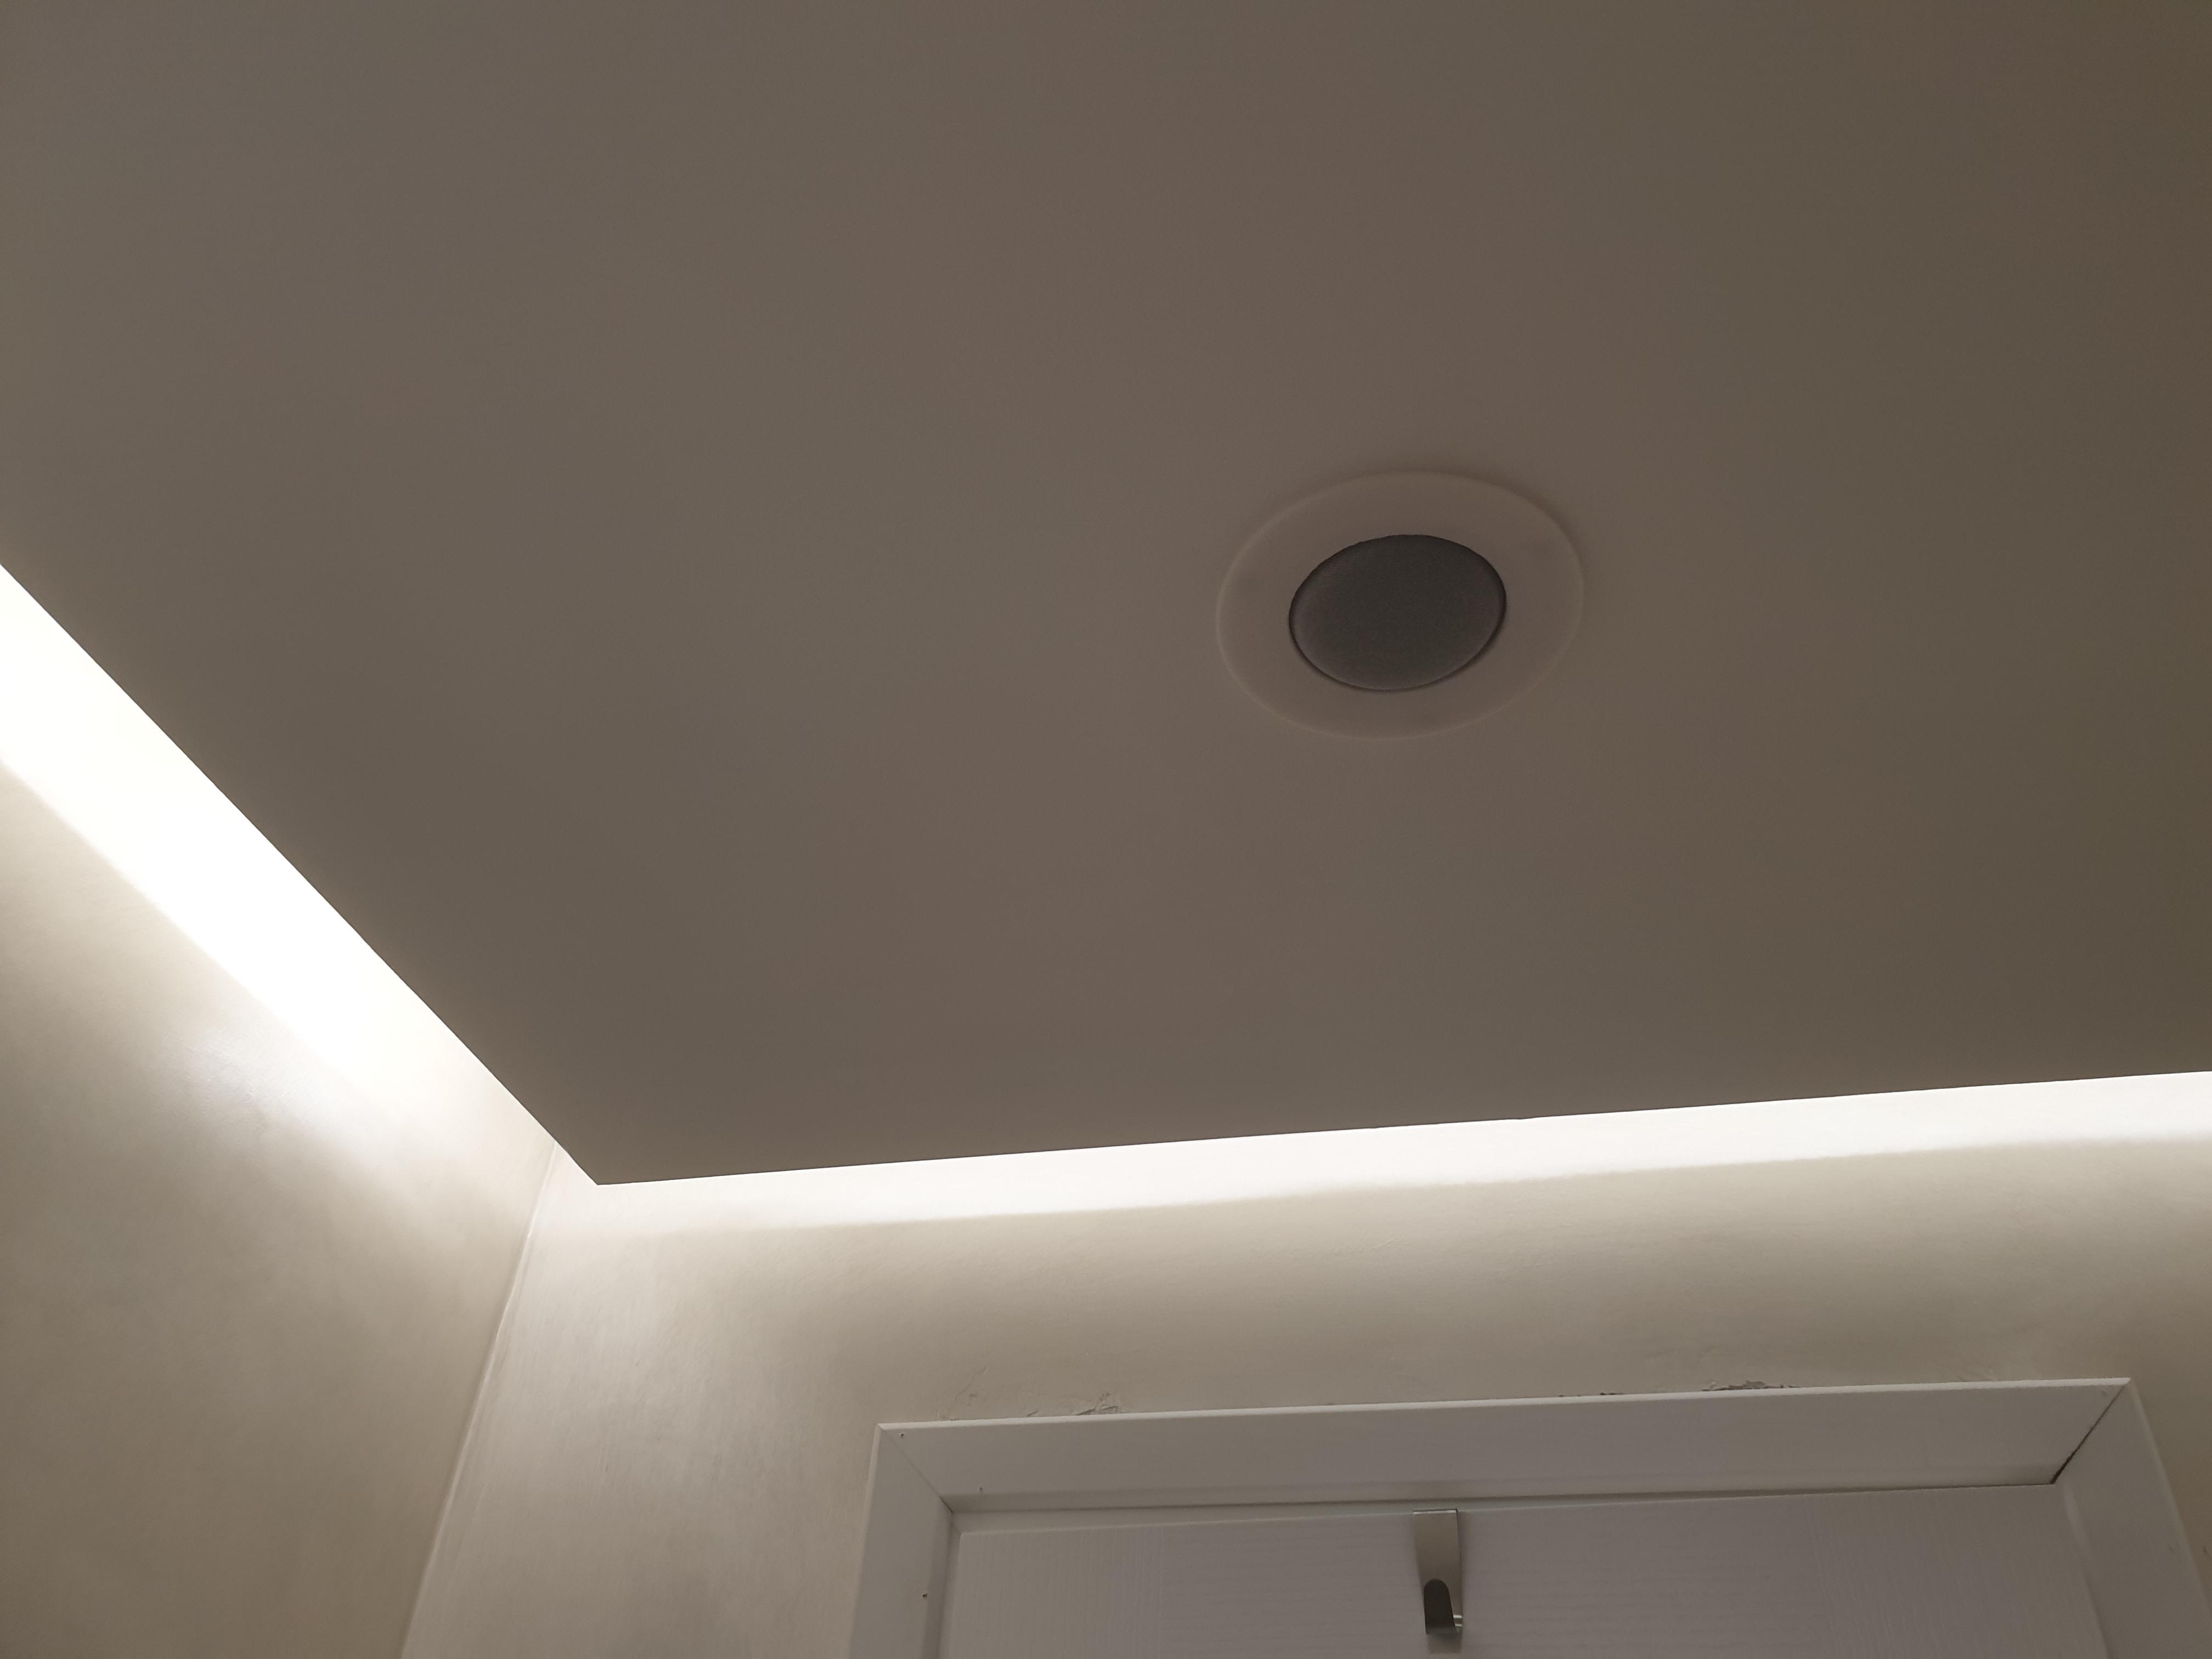 15660857982183211910487143858174.jpg Télécharger fichier STL gratuit Google Home Mini Plafond Mont Epais Anneaux • Design à imprimer en 3D, crisonescu